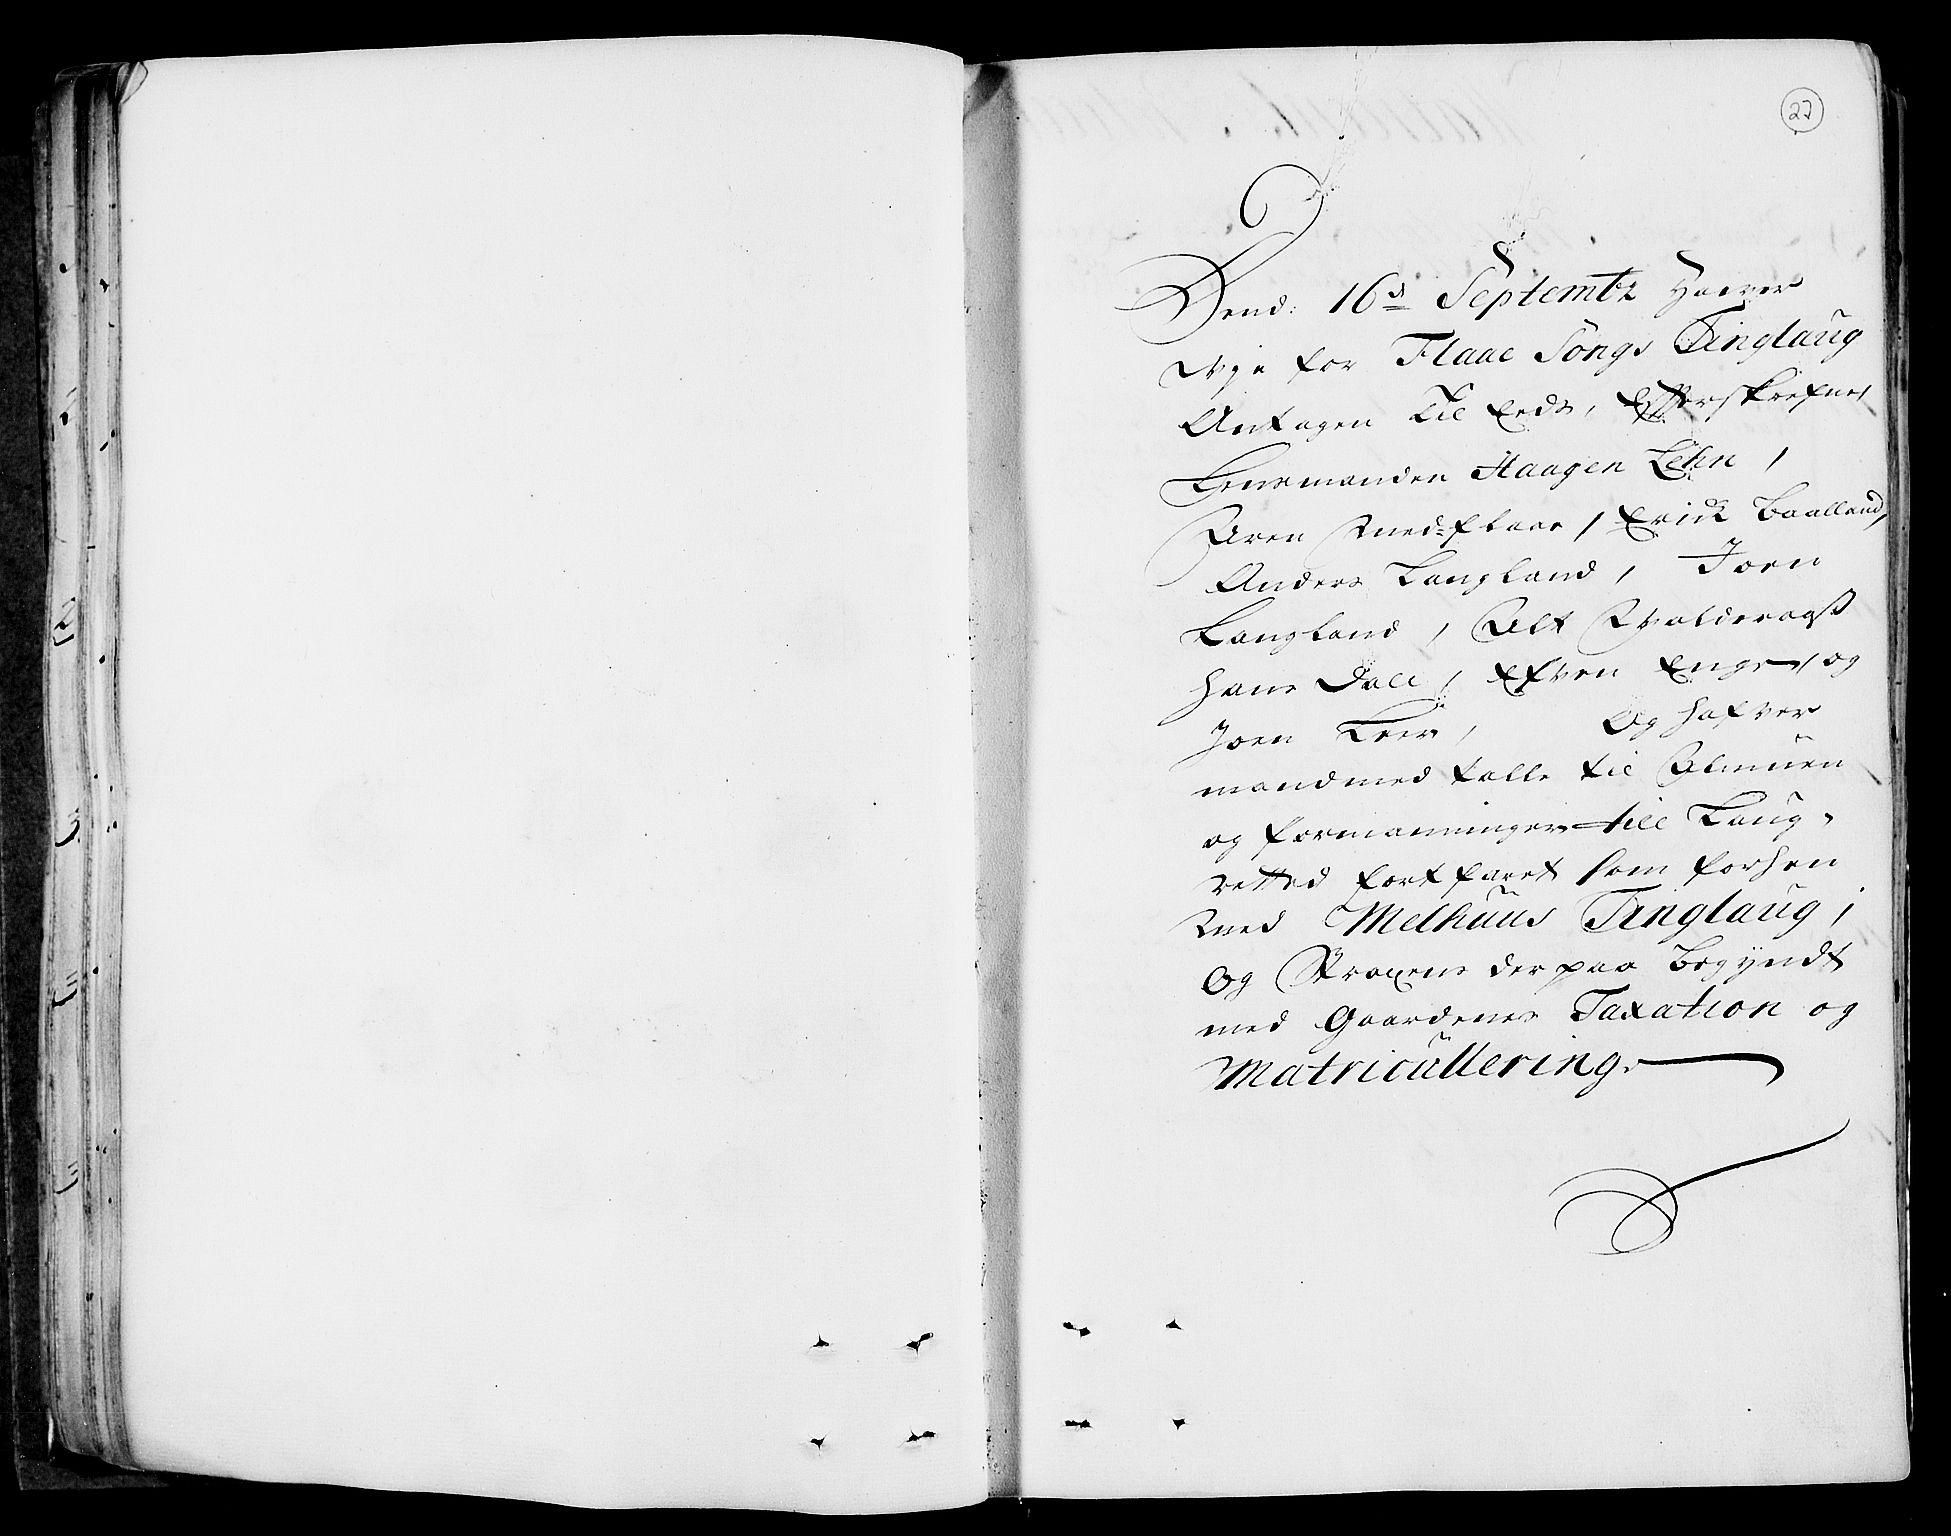 RA, Rentekammeret inntil 1814, Realistisk ordnet avdeling, N/Nb/Nbf/L0158: Gauldal eksaminasjonsprotokoll, 1723, s. 26b-27a